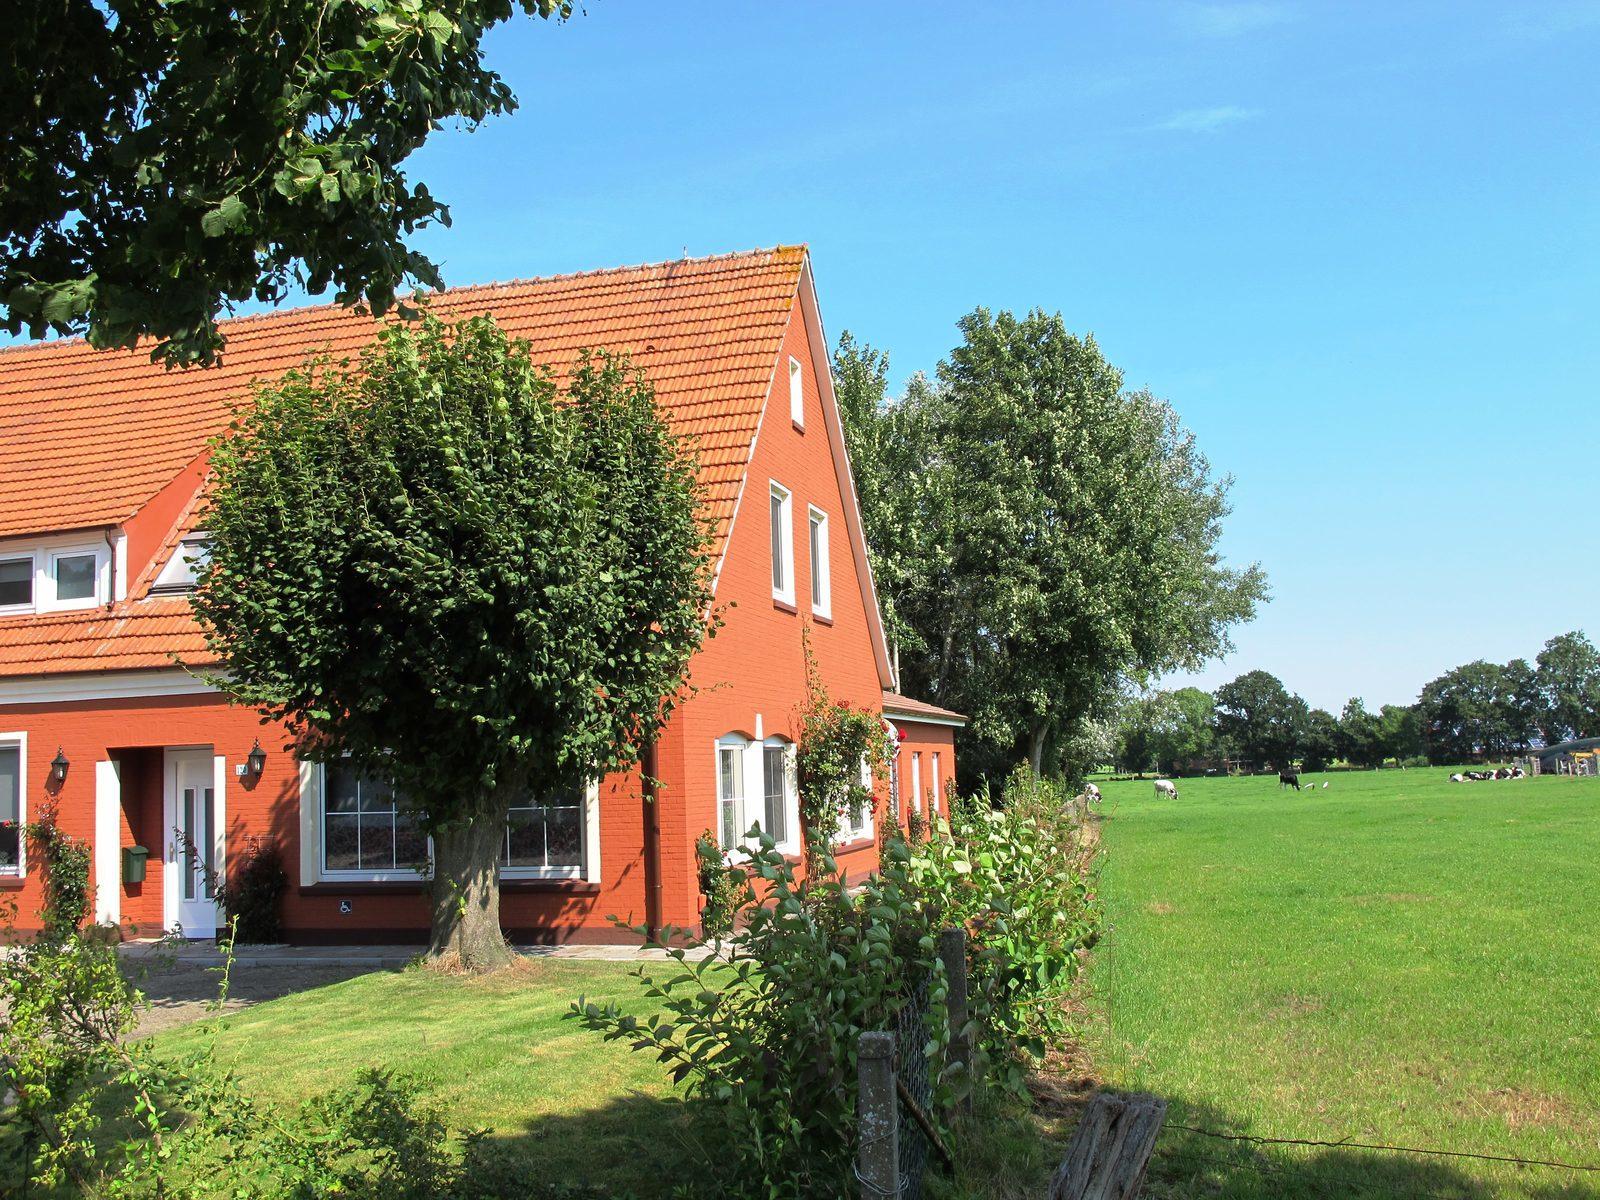 Luxe vakantiehuizen in Ost-Friesland, Duitsland